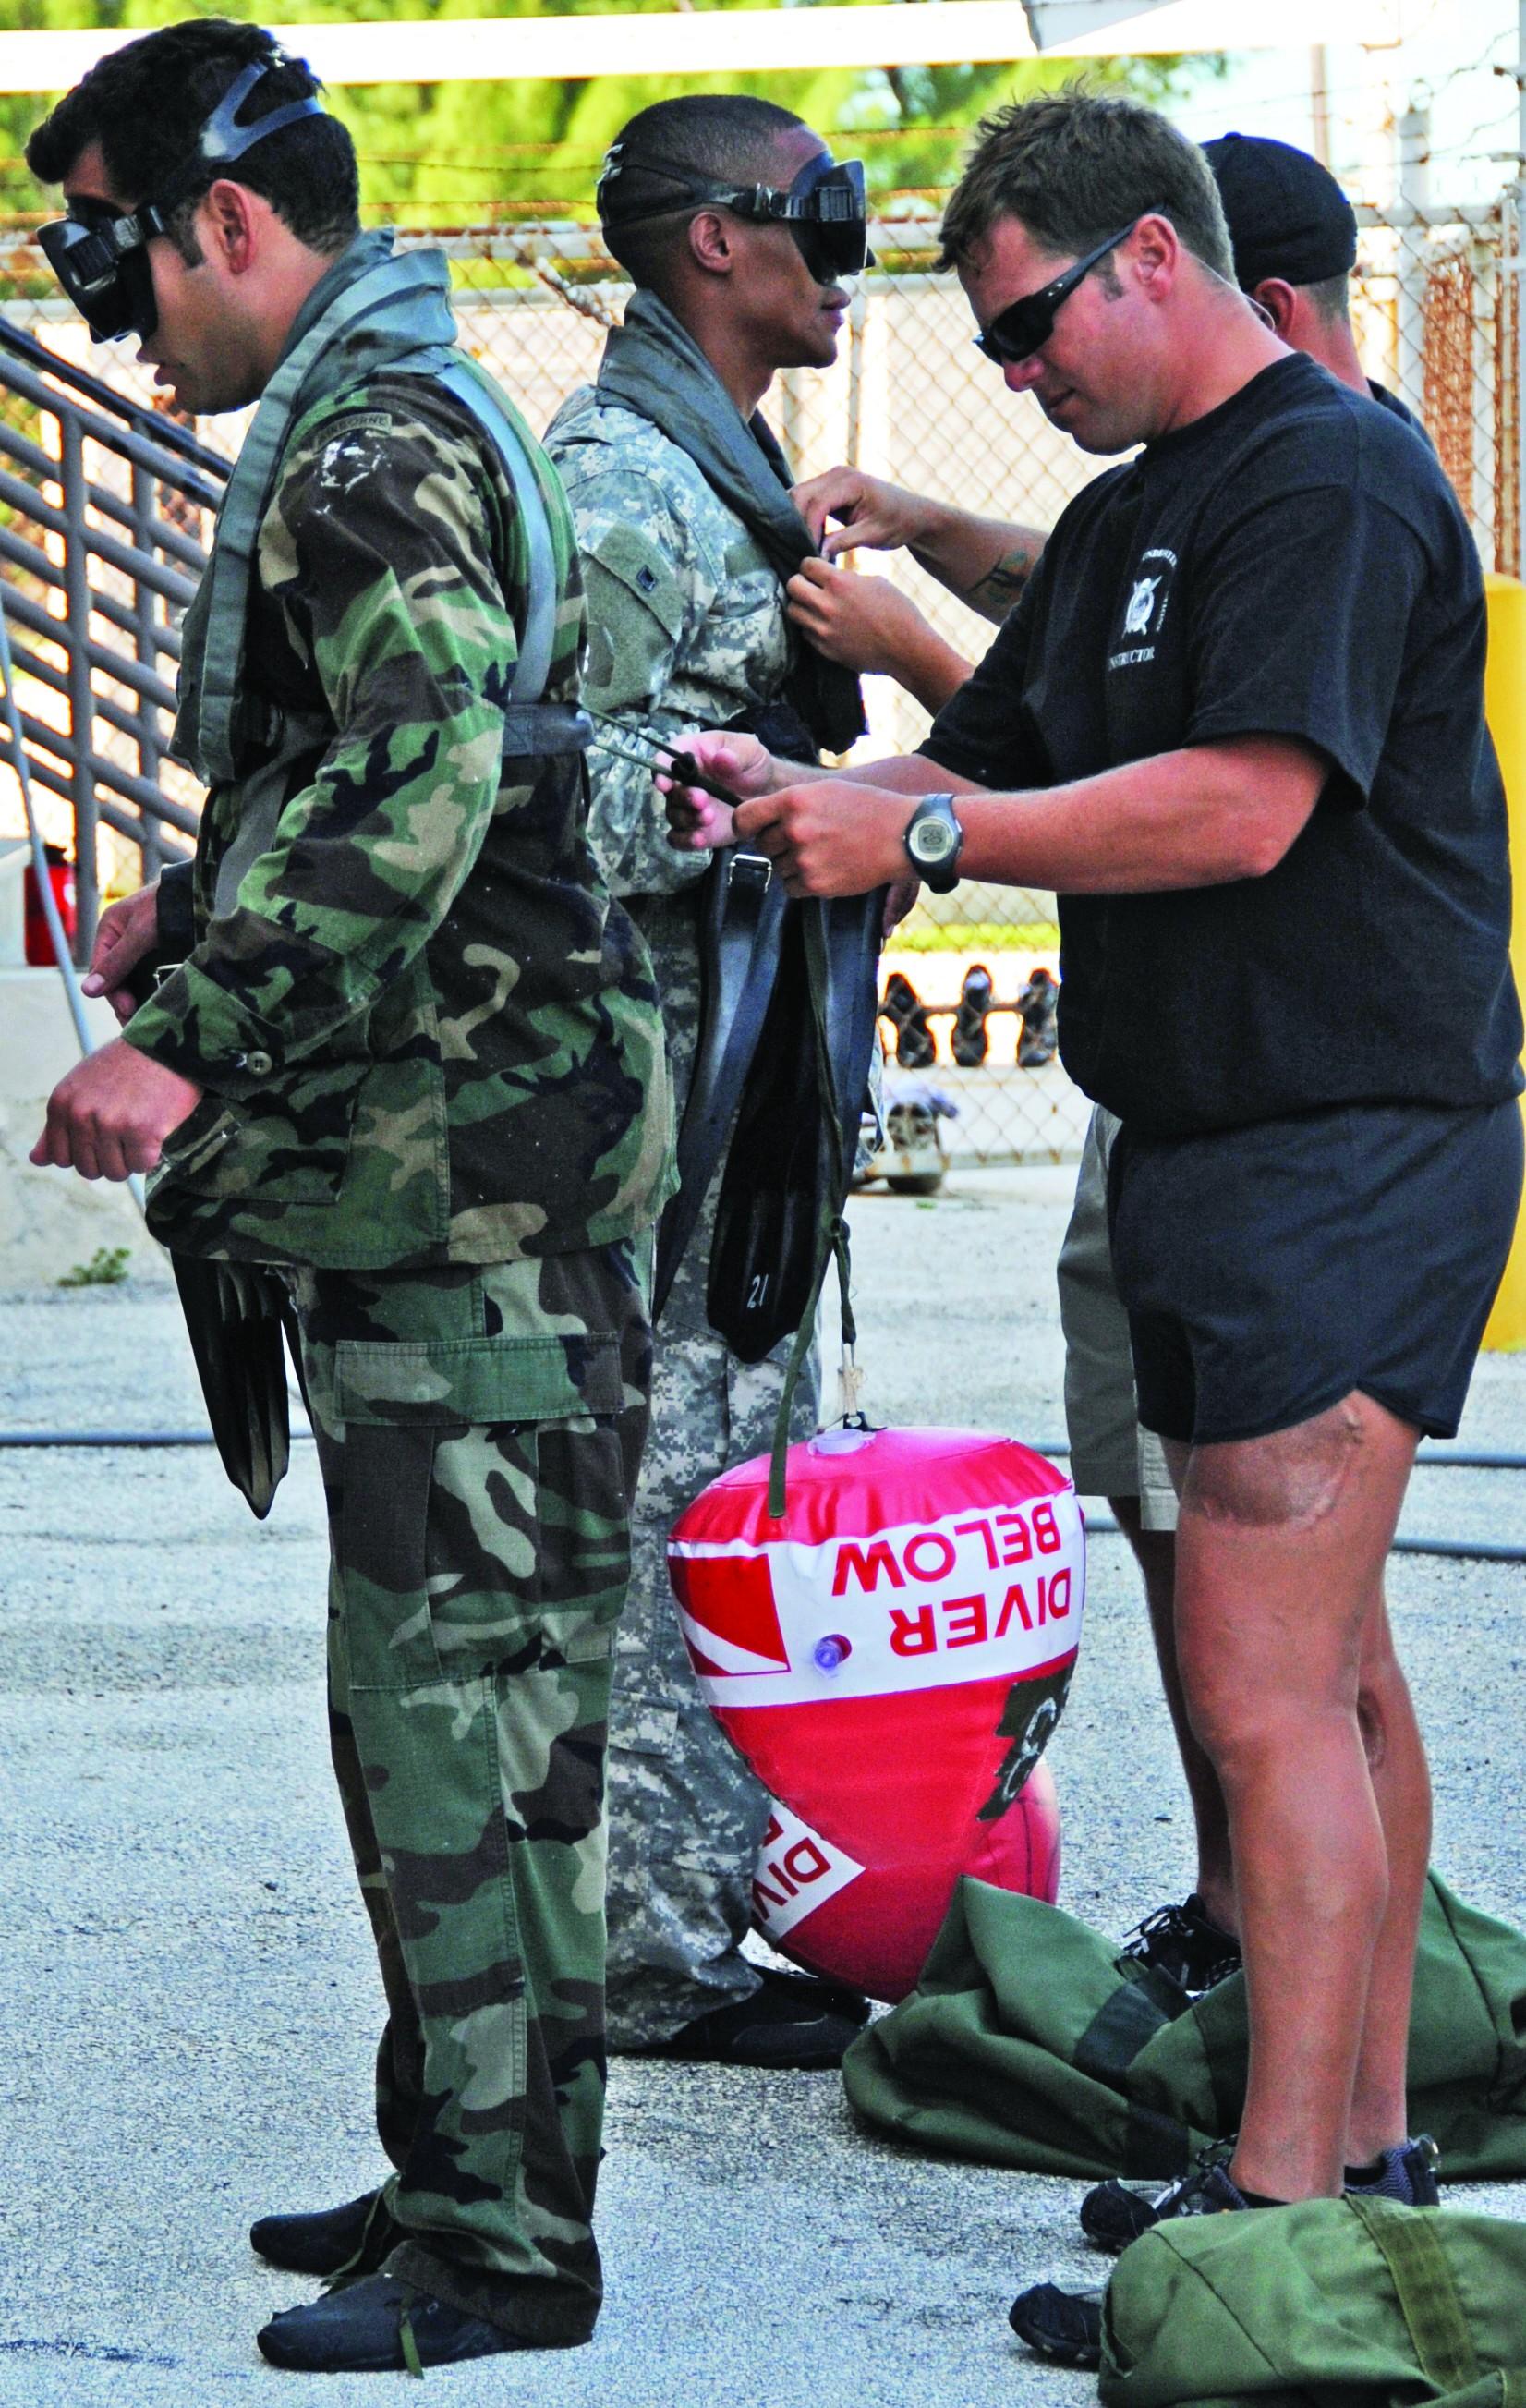 Combat Diver Qualification Course challenges Special Forces